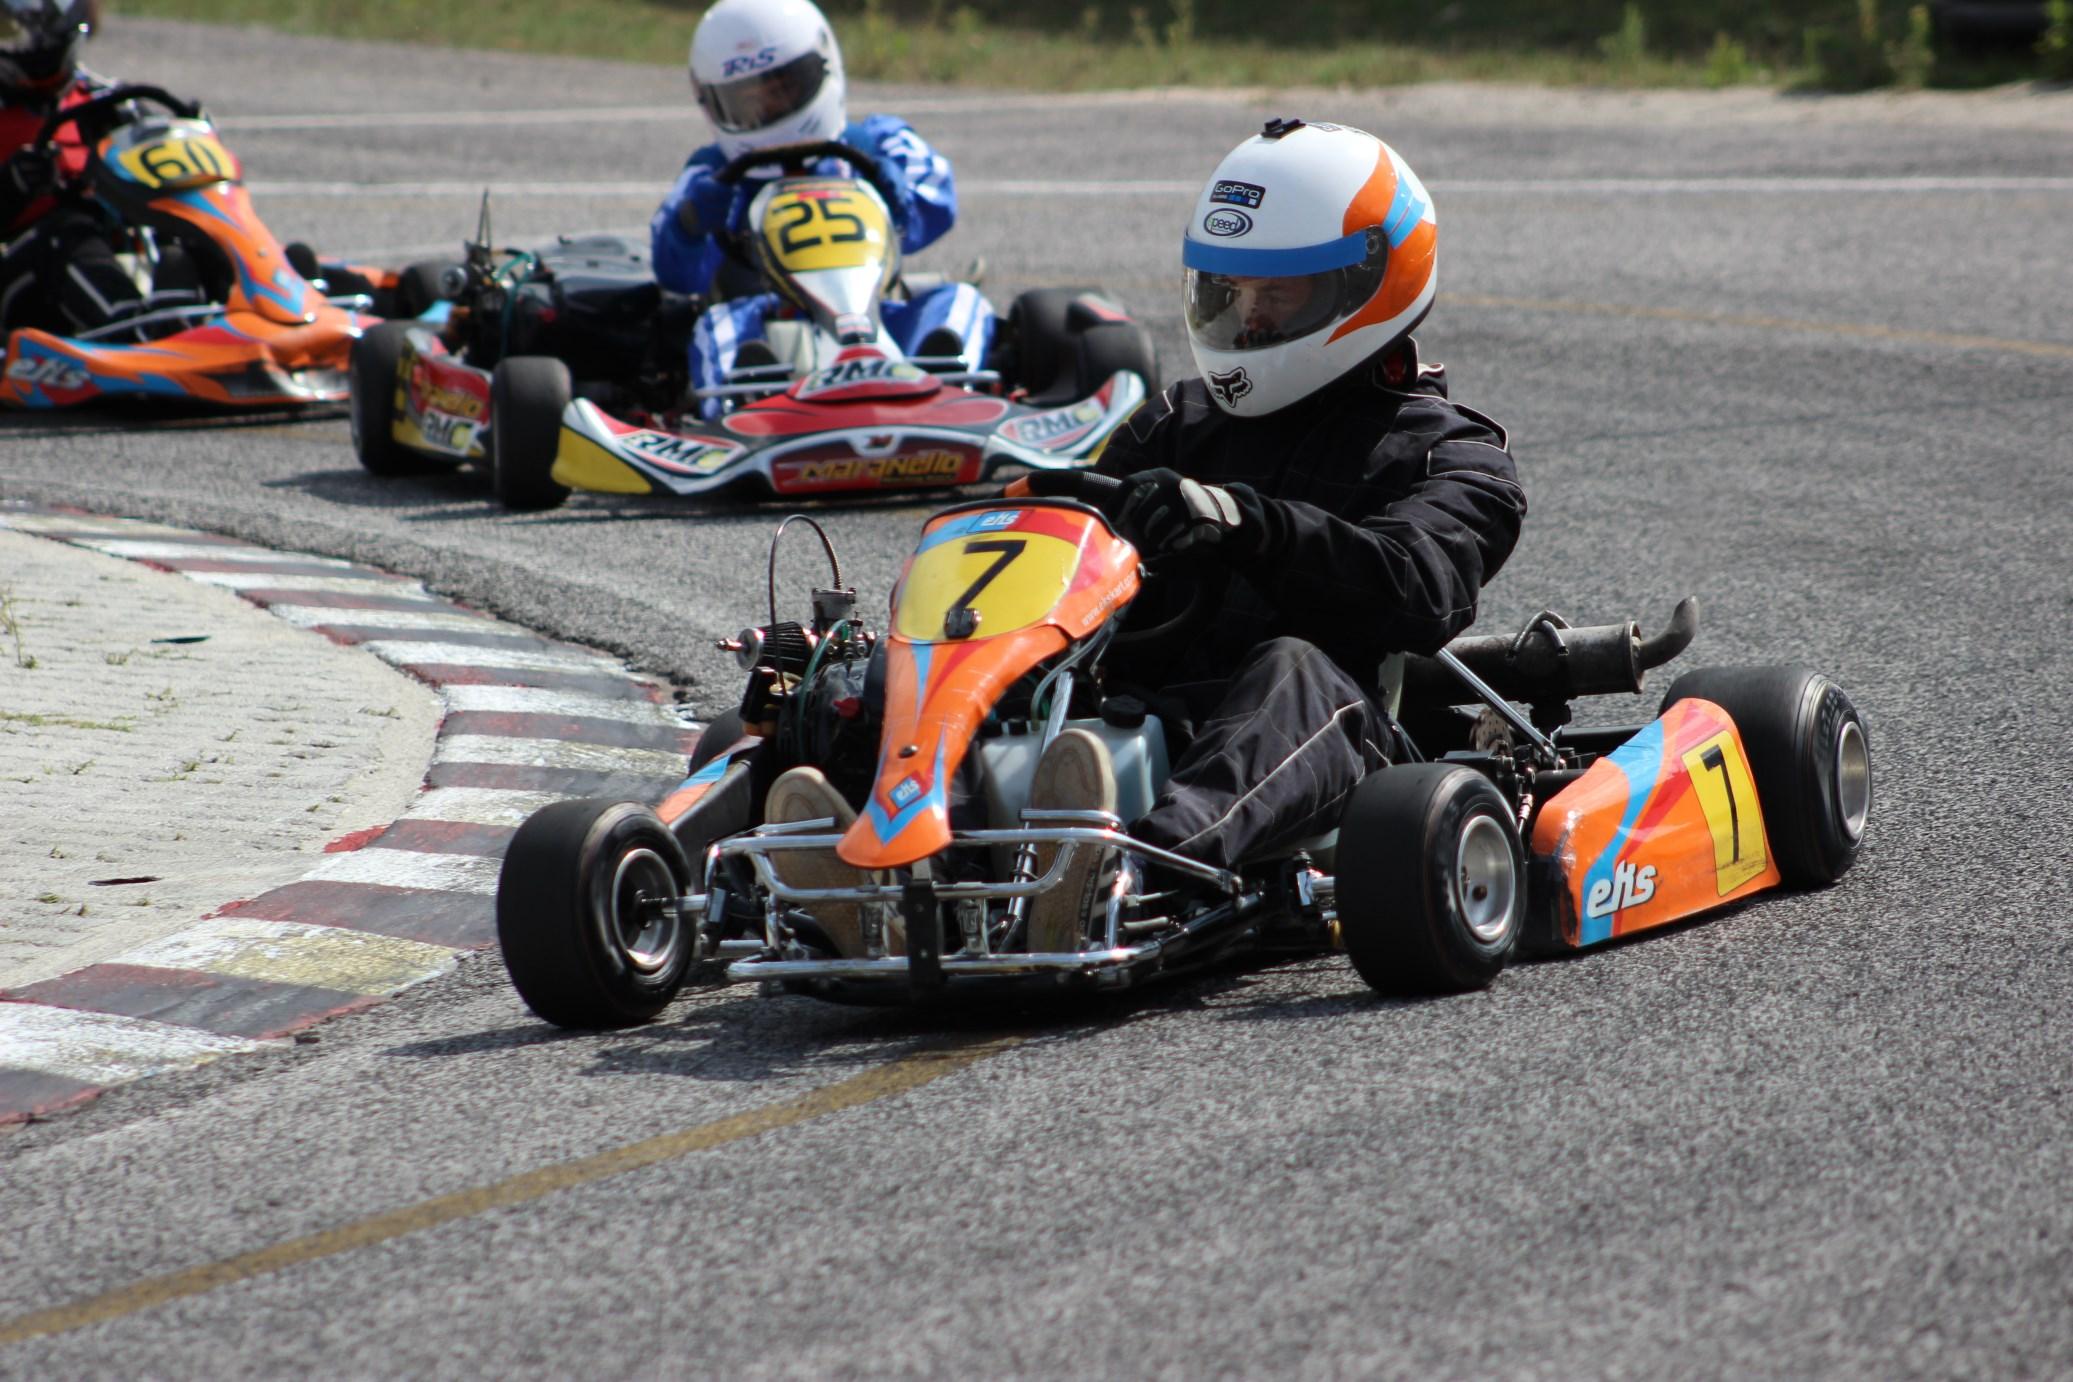 Troféu Honda 2014 - 3ª Prova166